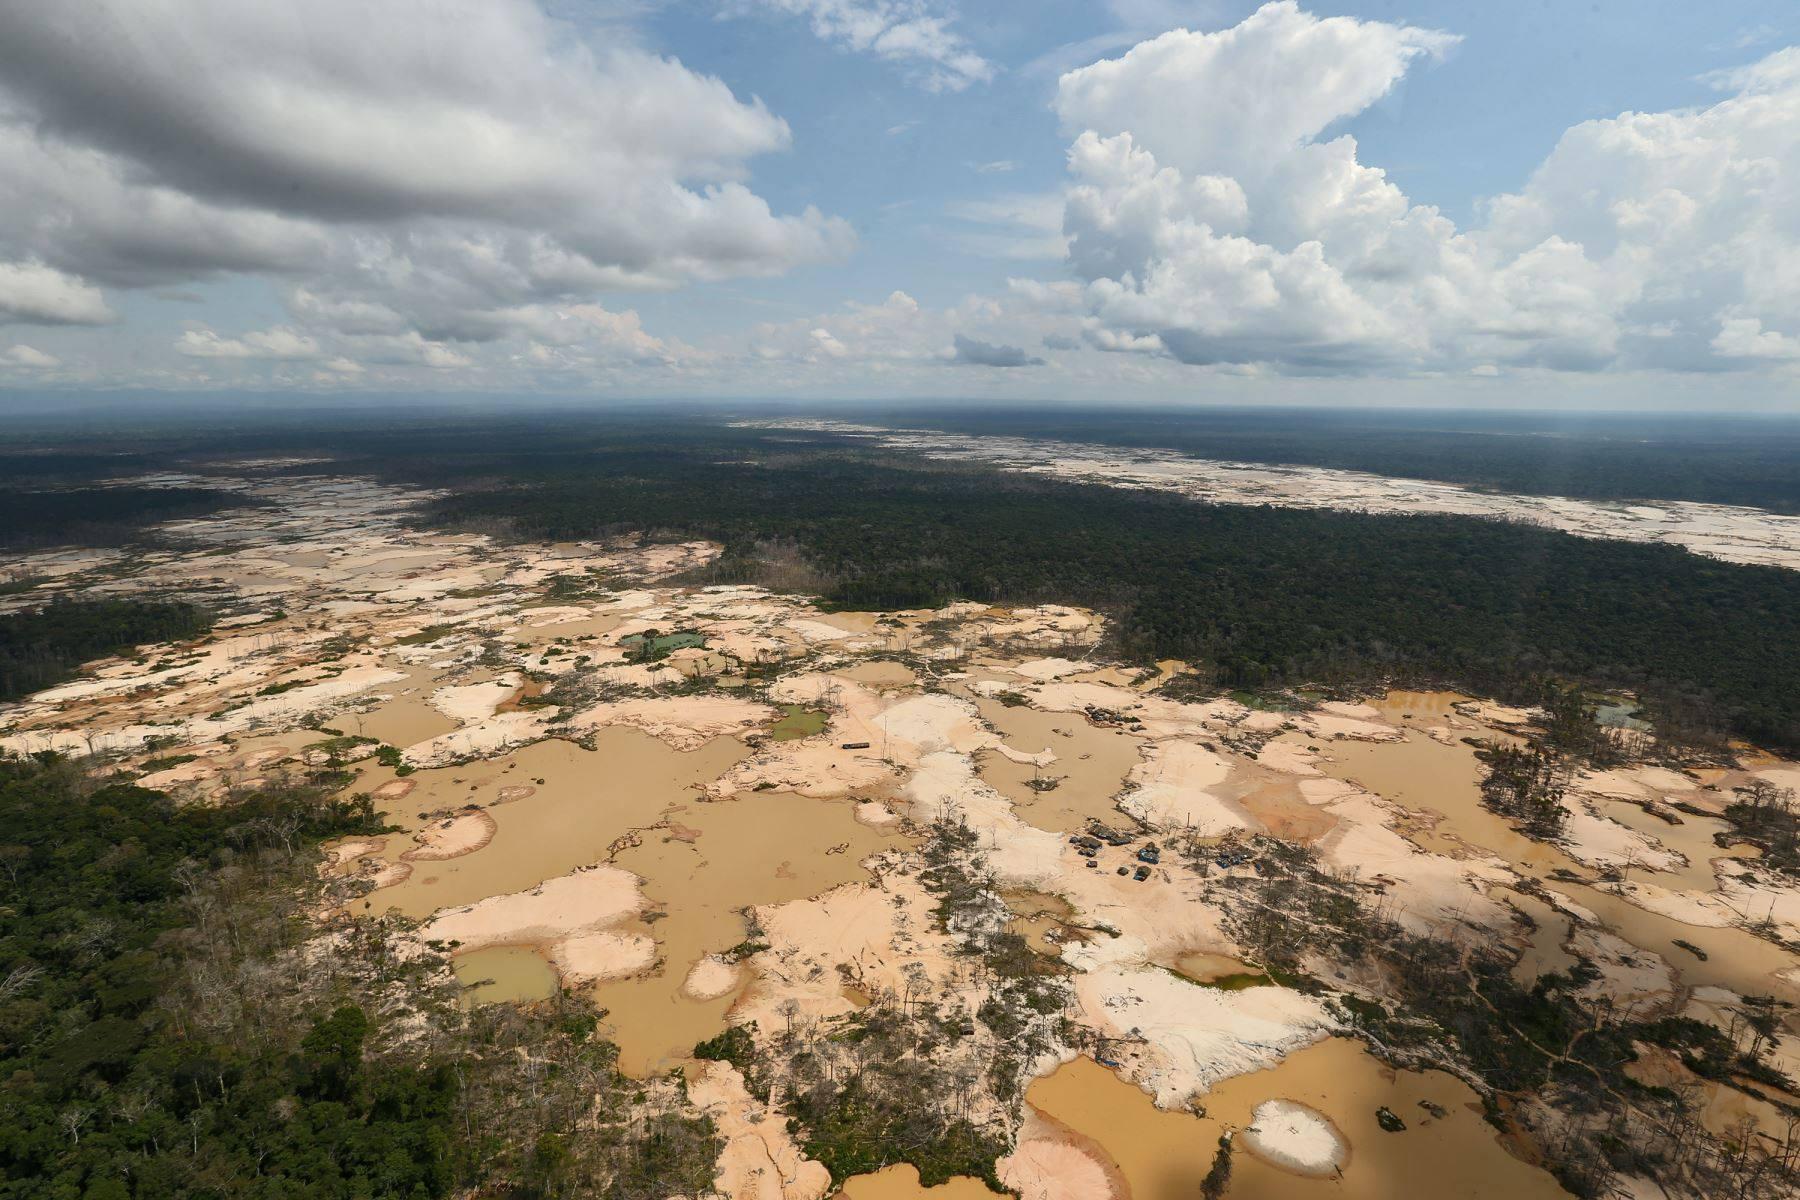 actualidad_ambiental_madre_de_dios_mineria_ilegal